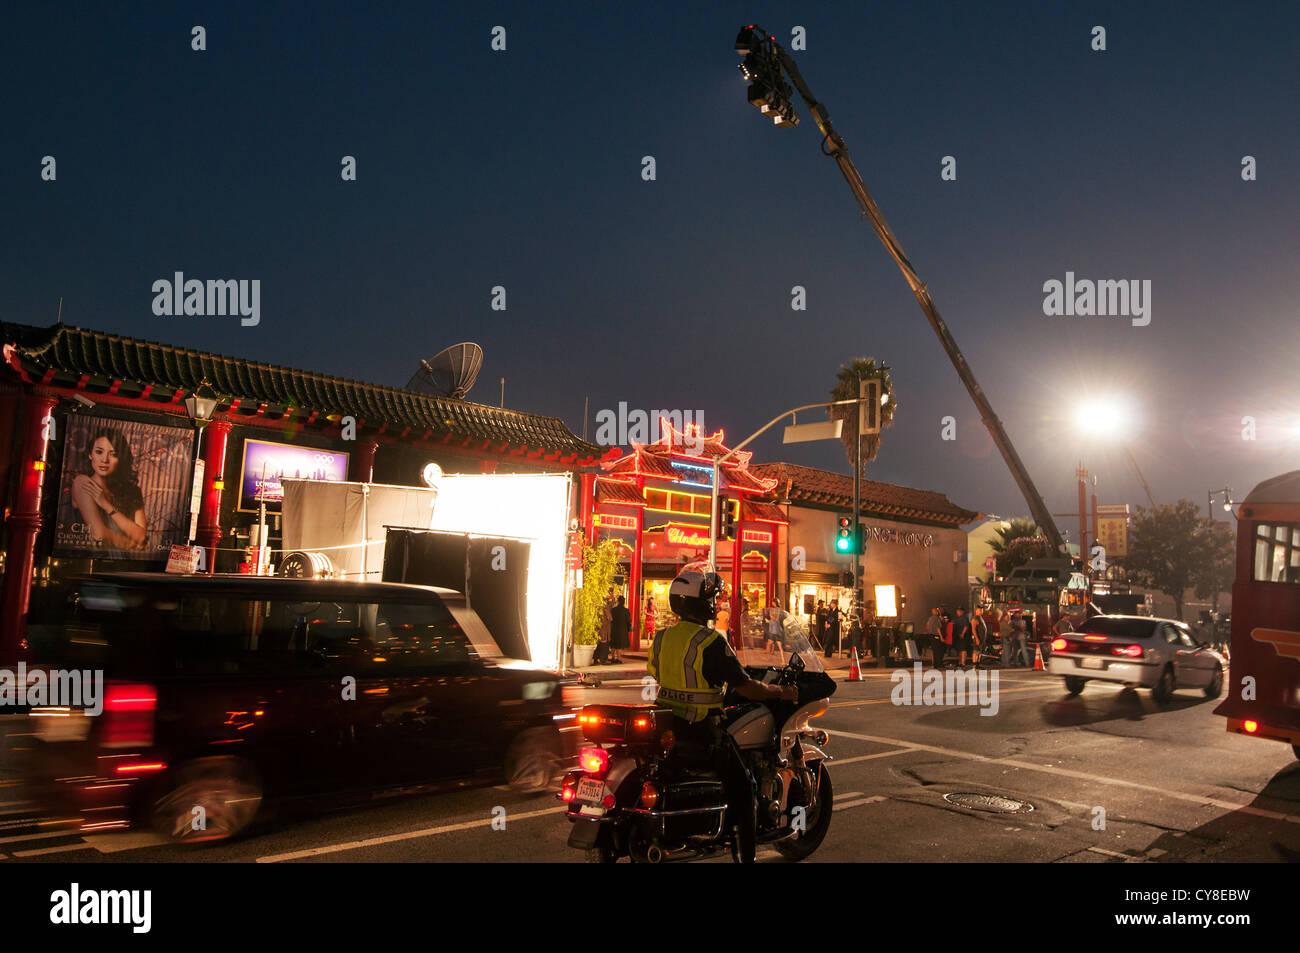 Ein Film-set in voller Produktion in Los Angeles Chinatown. Stockbild